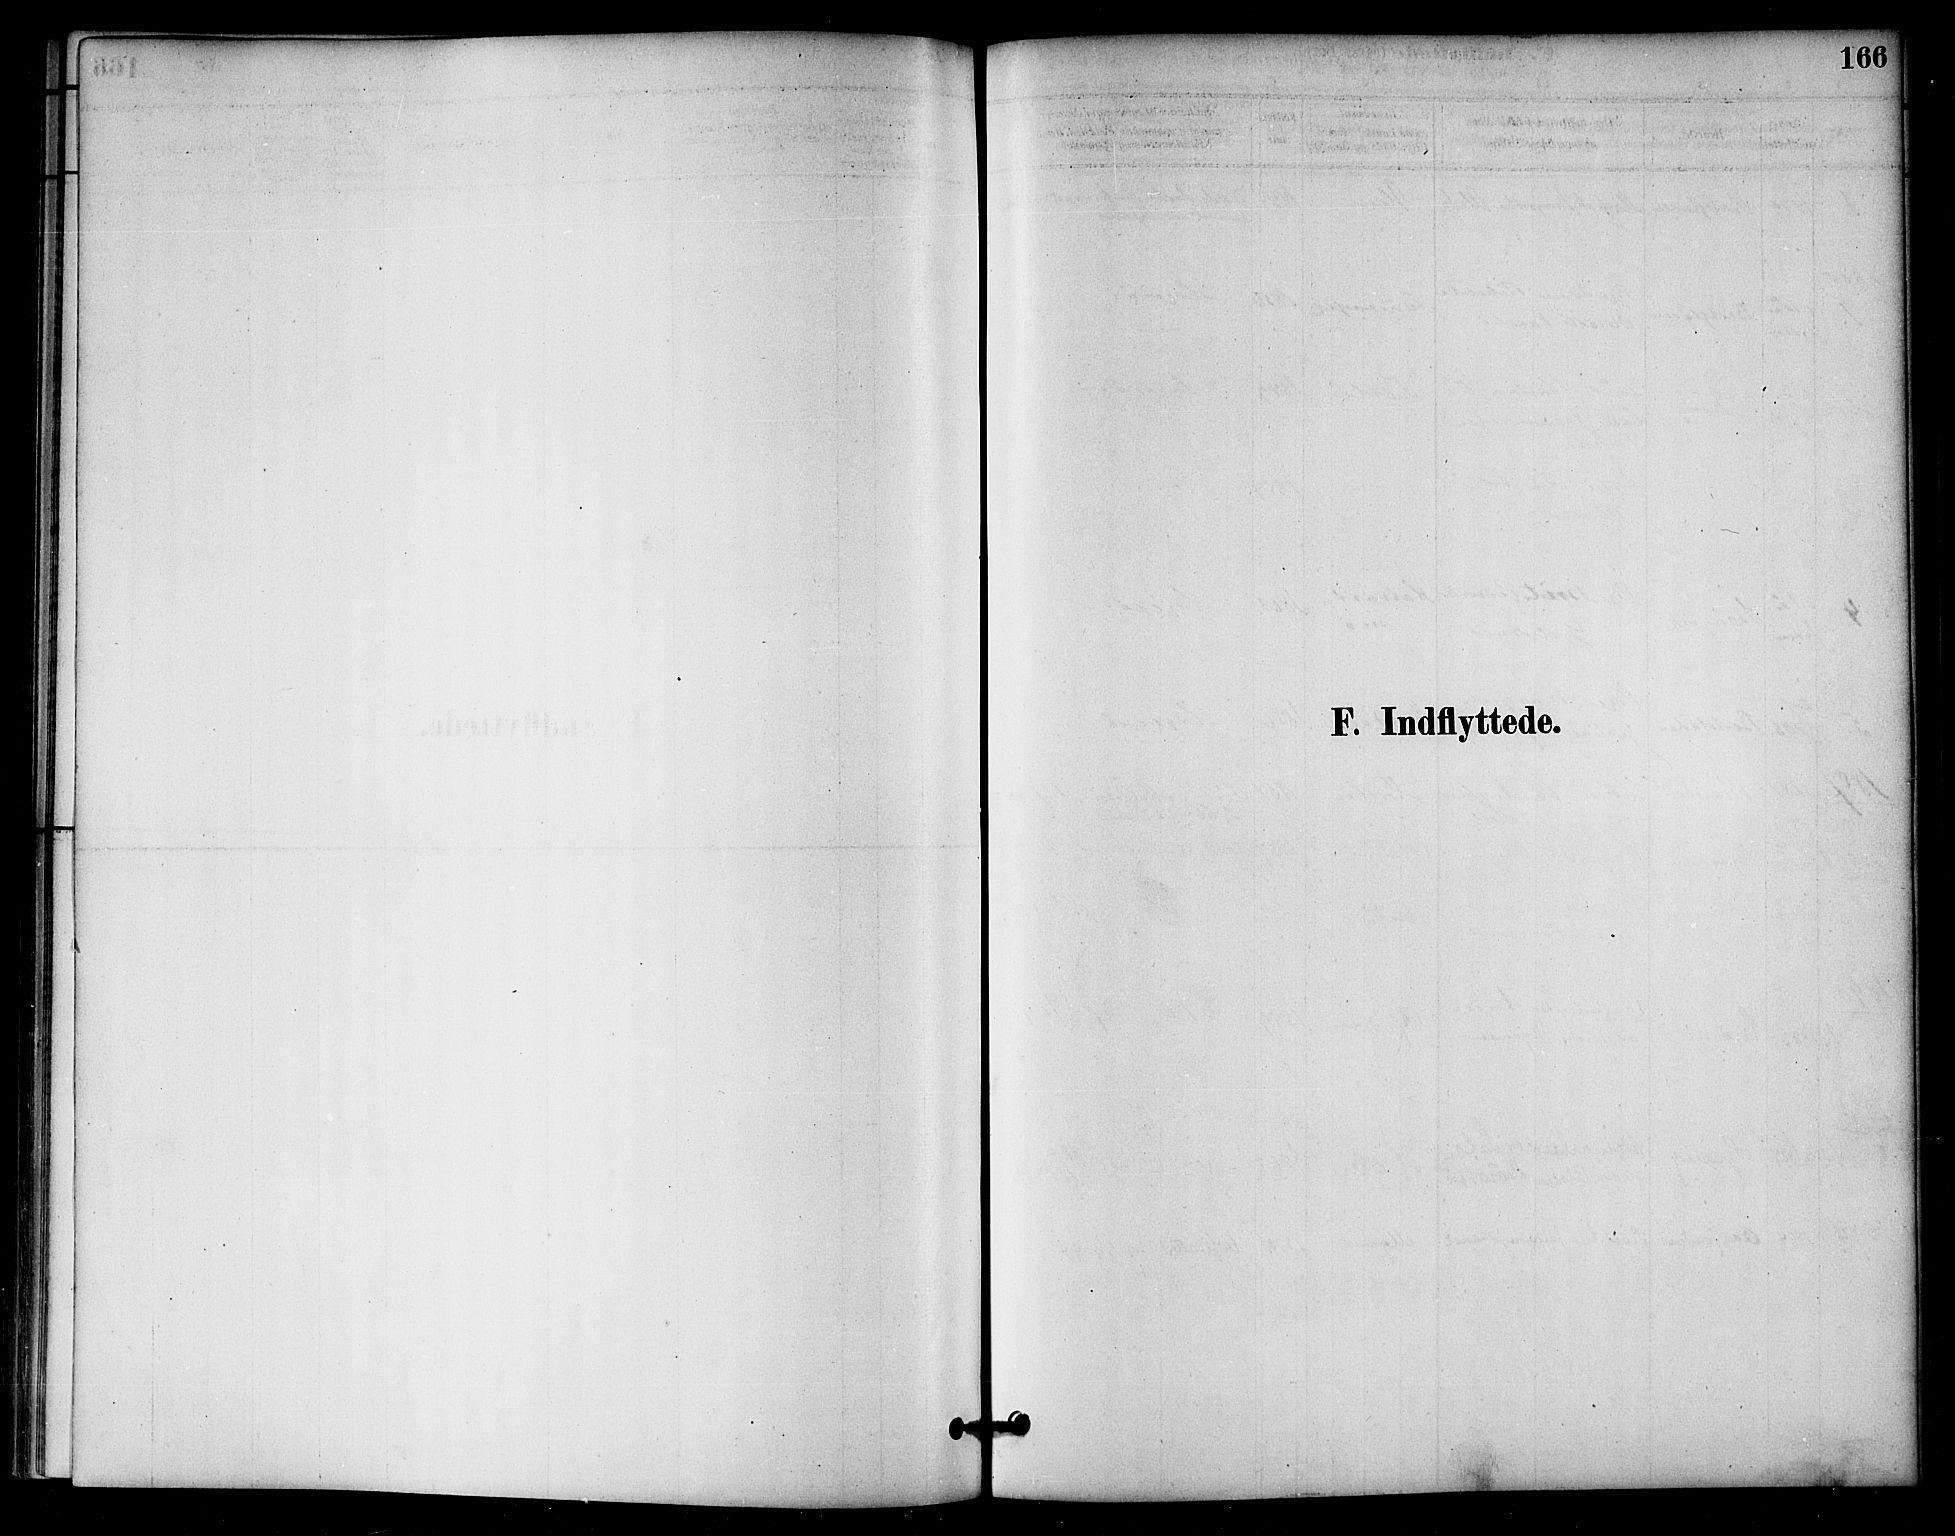 SAT, Ministerialprotokoller, klokkerbøker og fødselsregistre - Nord-Trøndelag, 766/L0563: Ministerialbok nr. 767A01, 1881-1899, s. 166